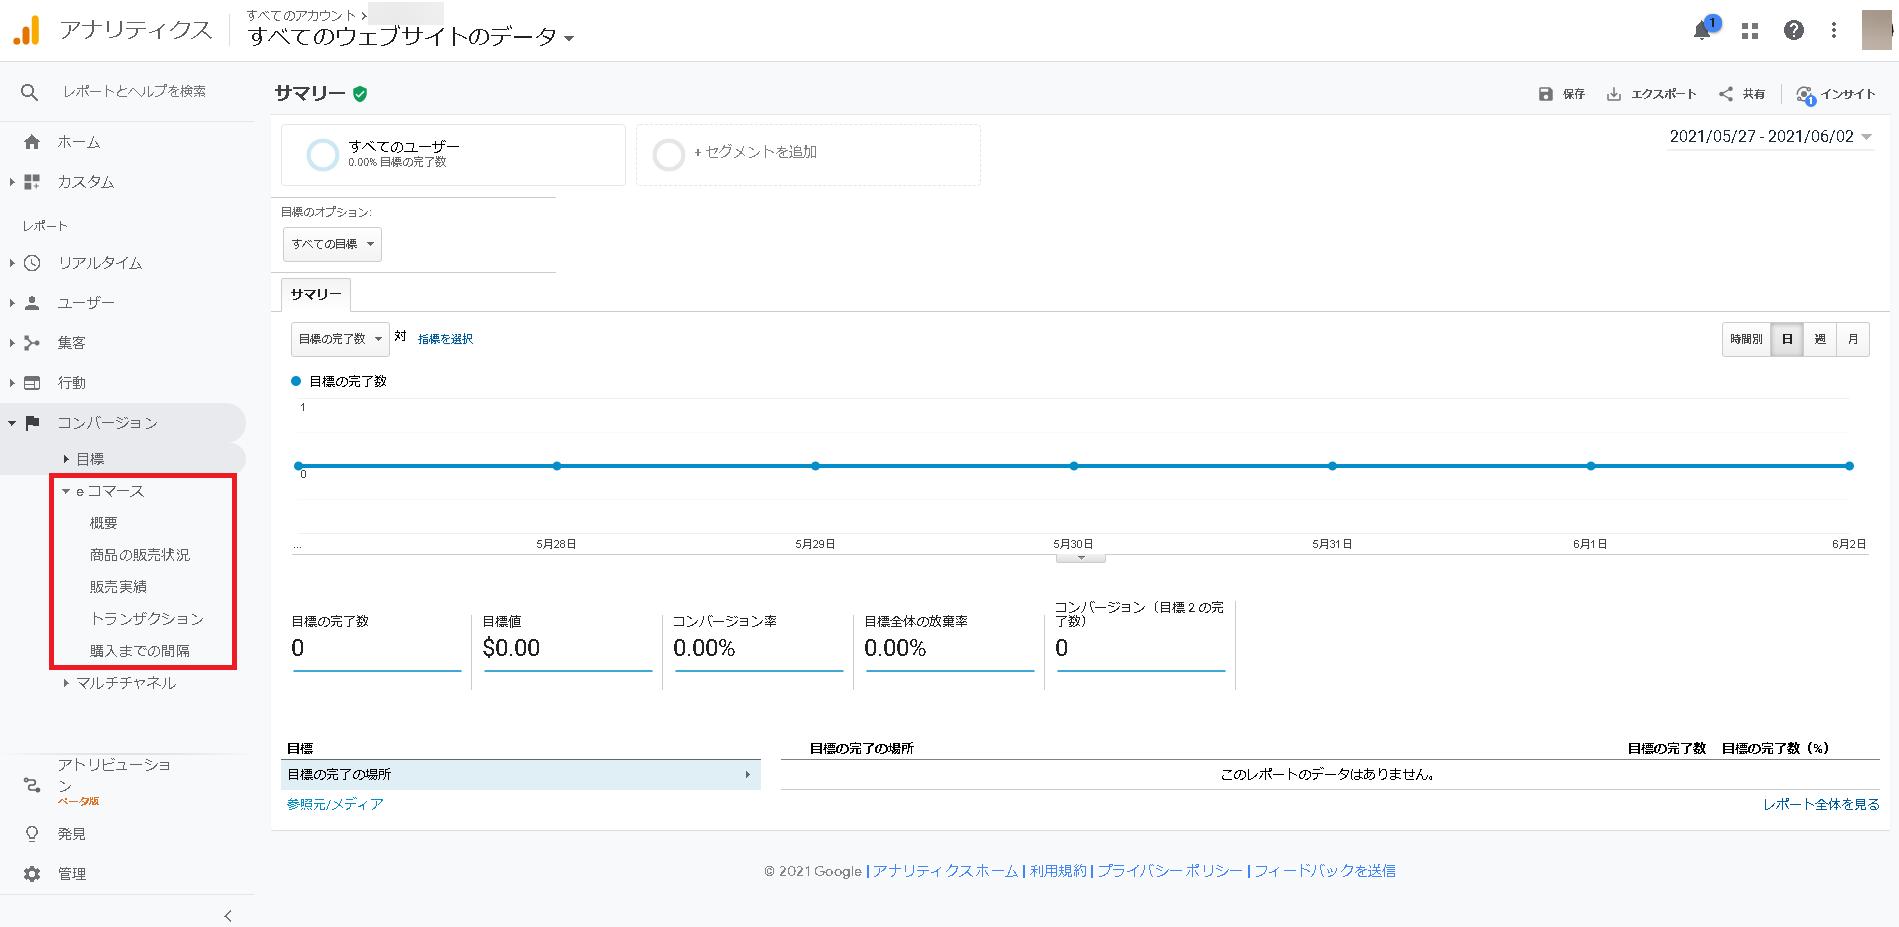 GoogleアナリティクスのCV測定結果の確認方法3